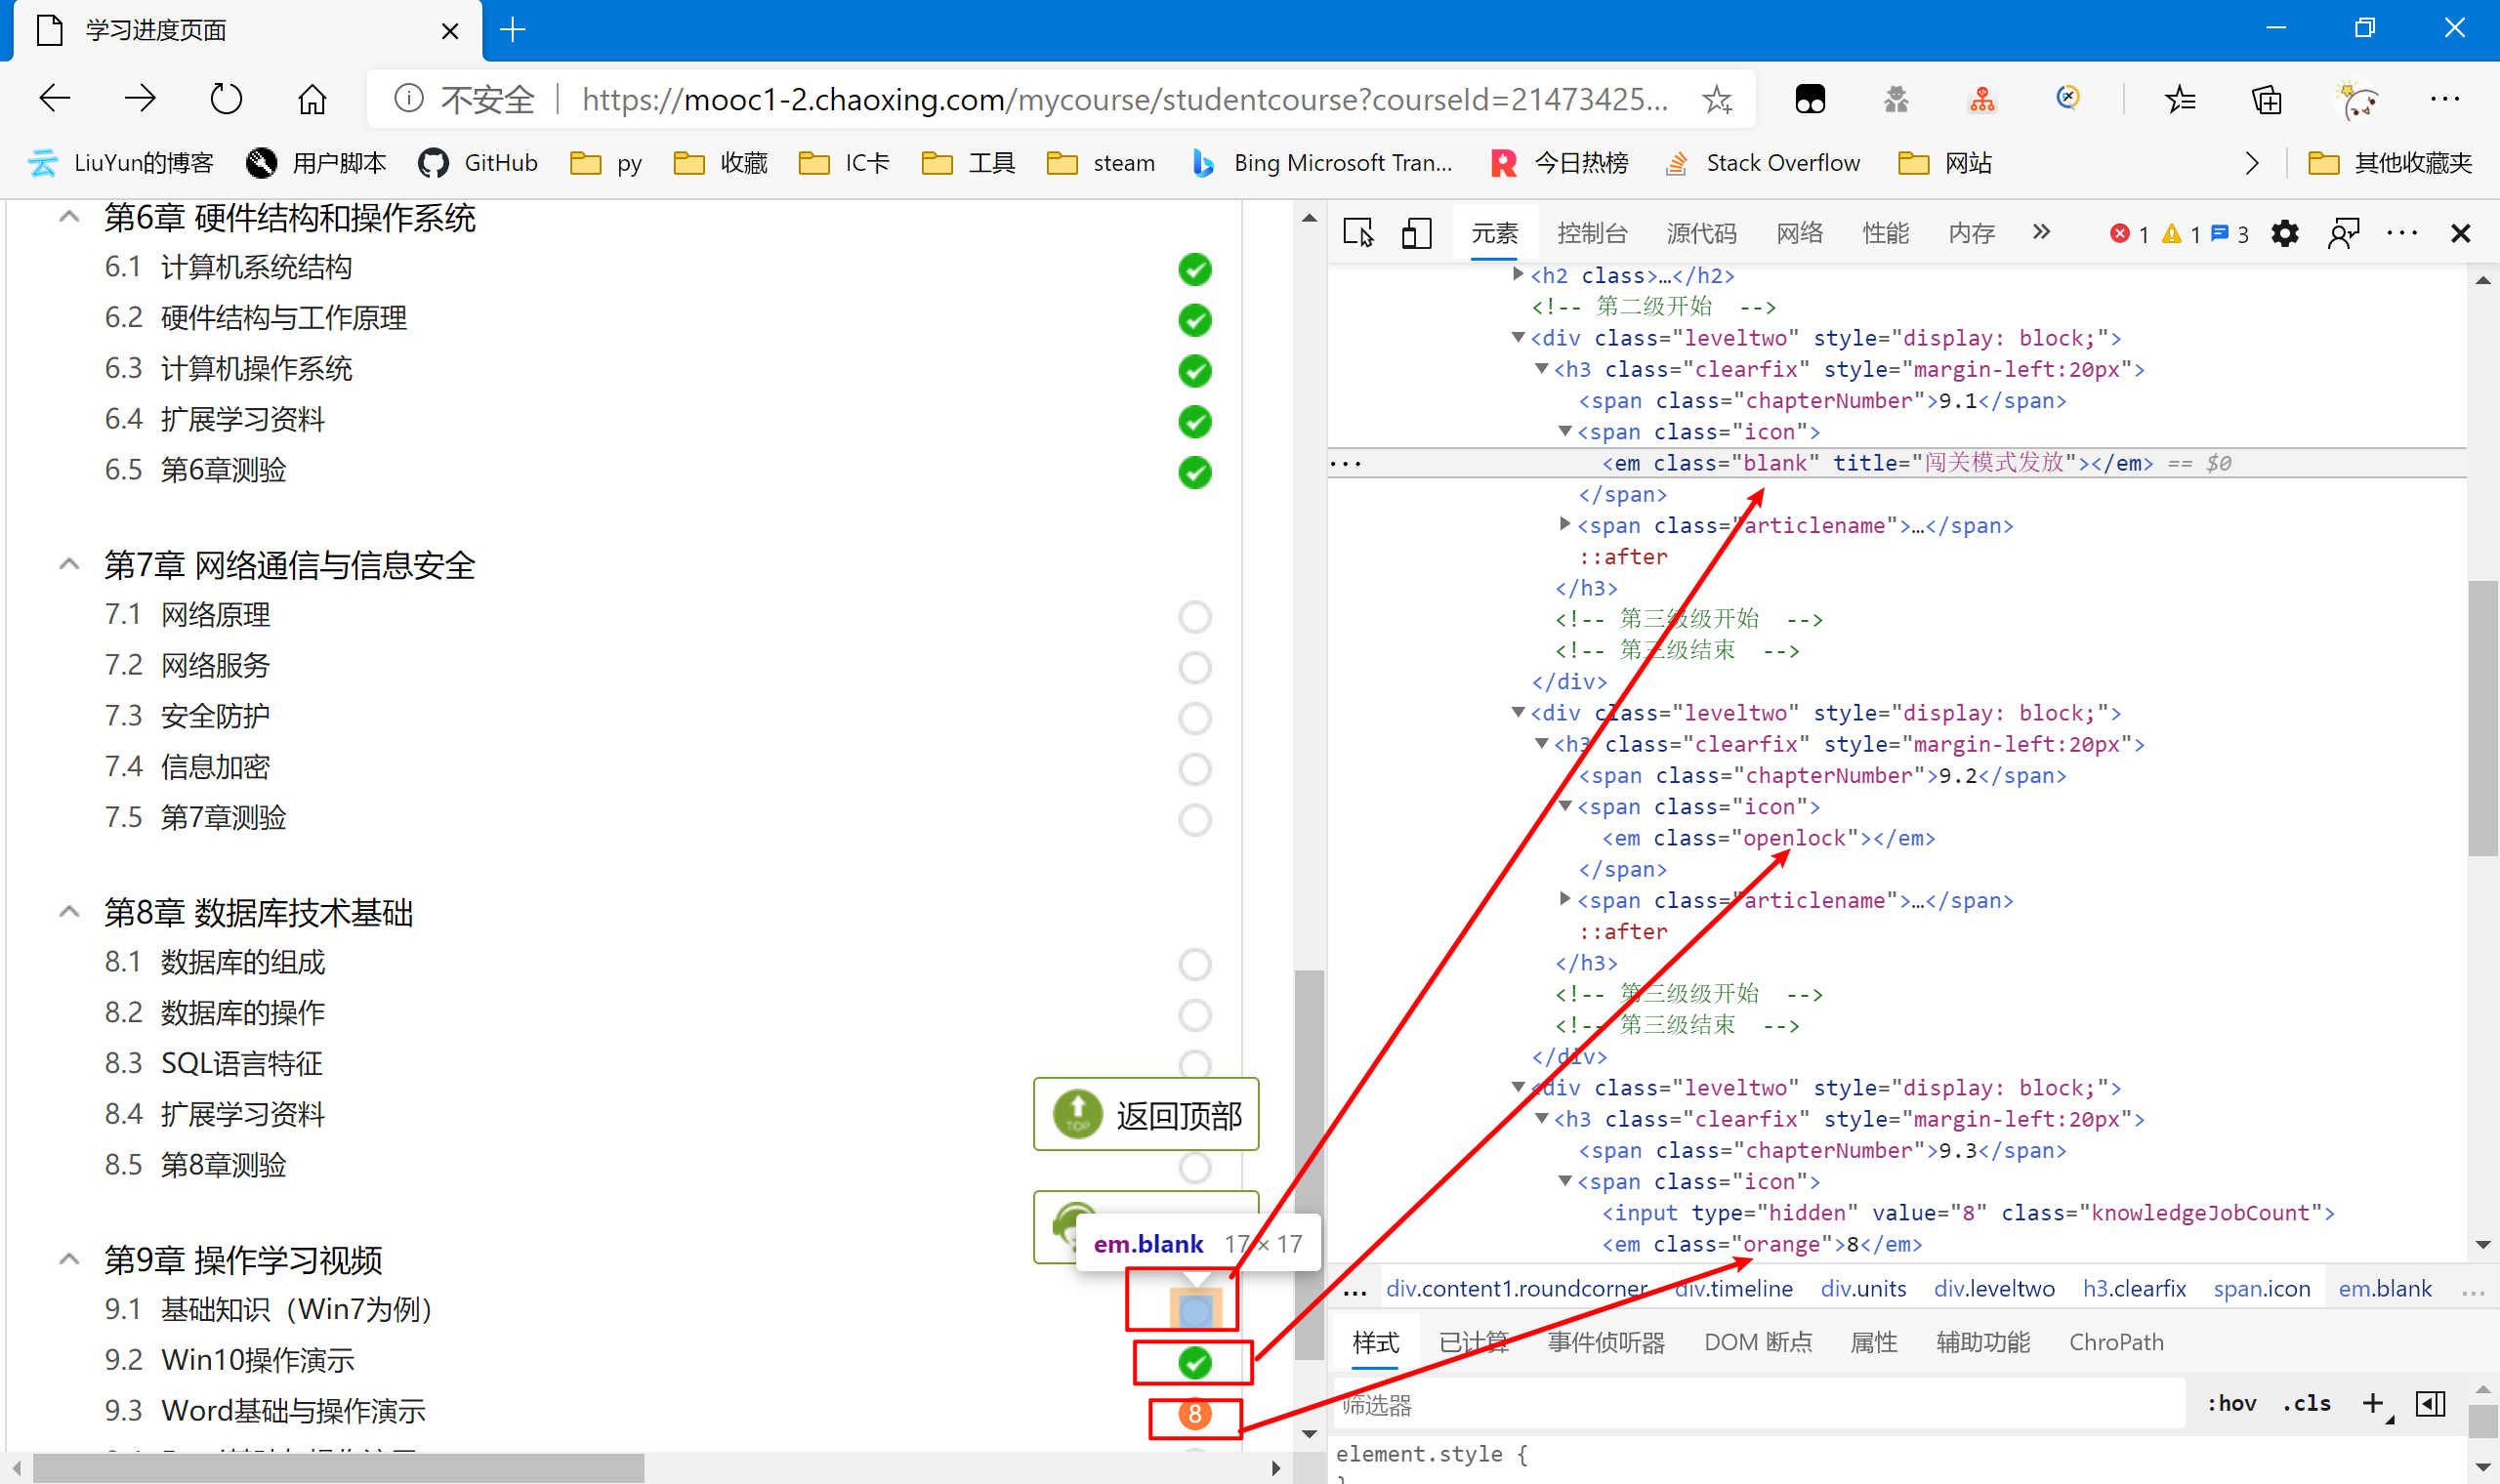 course_html_element